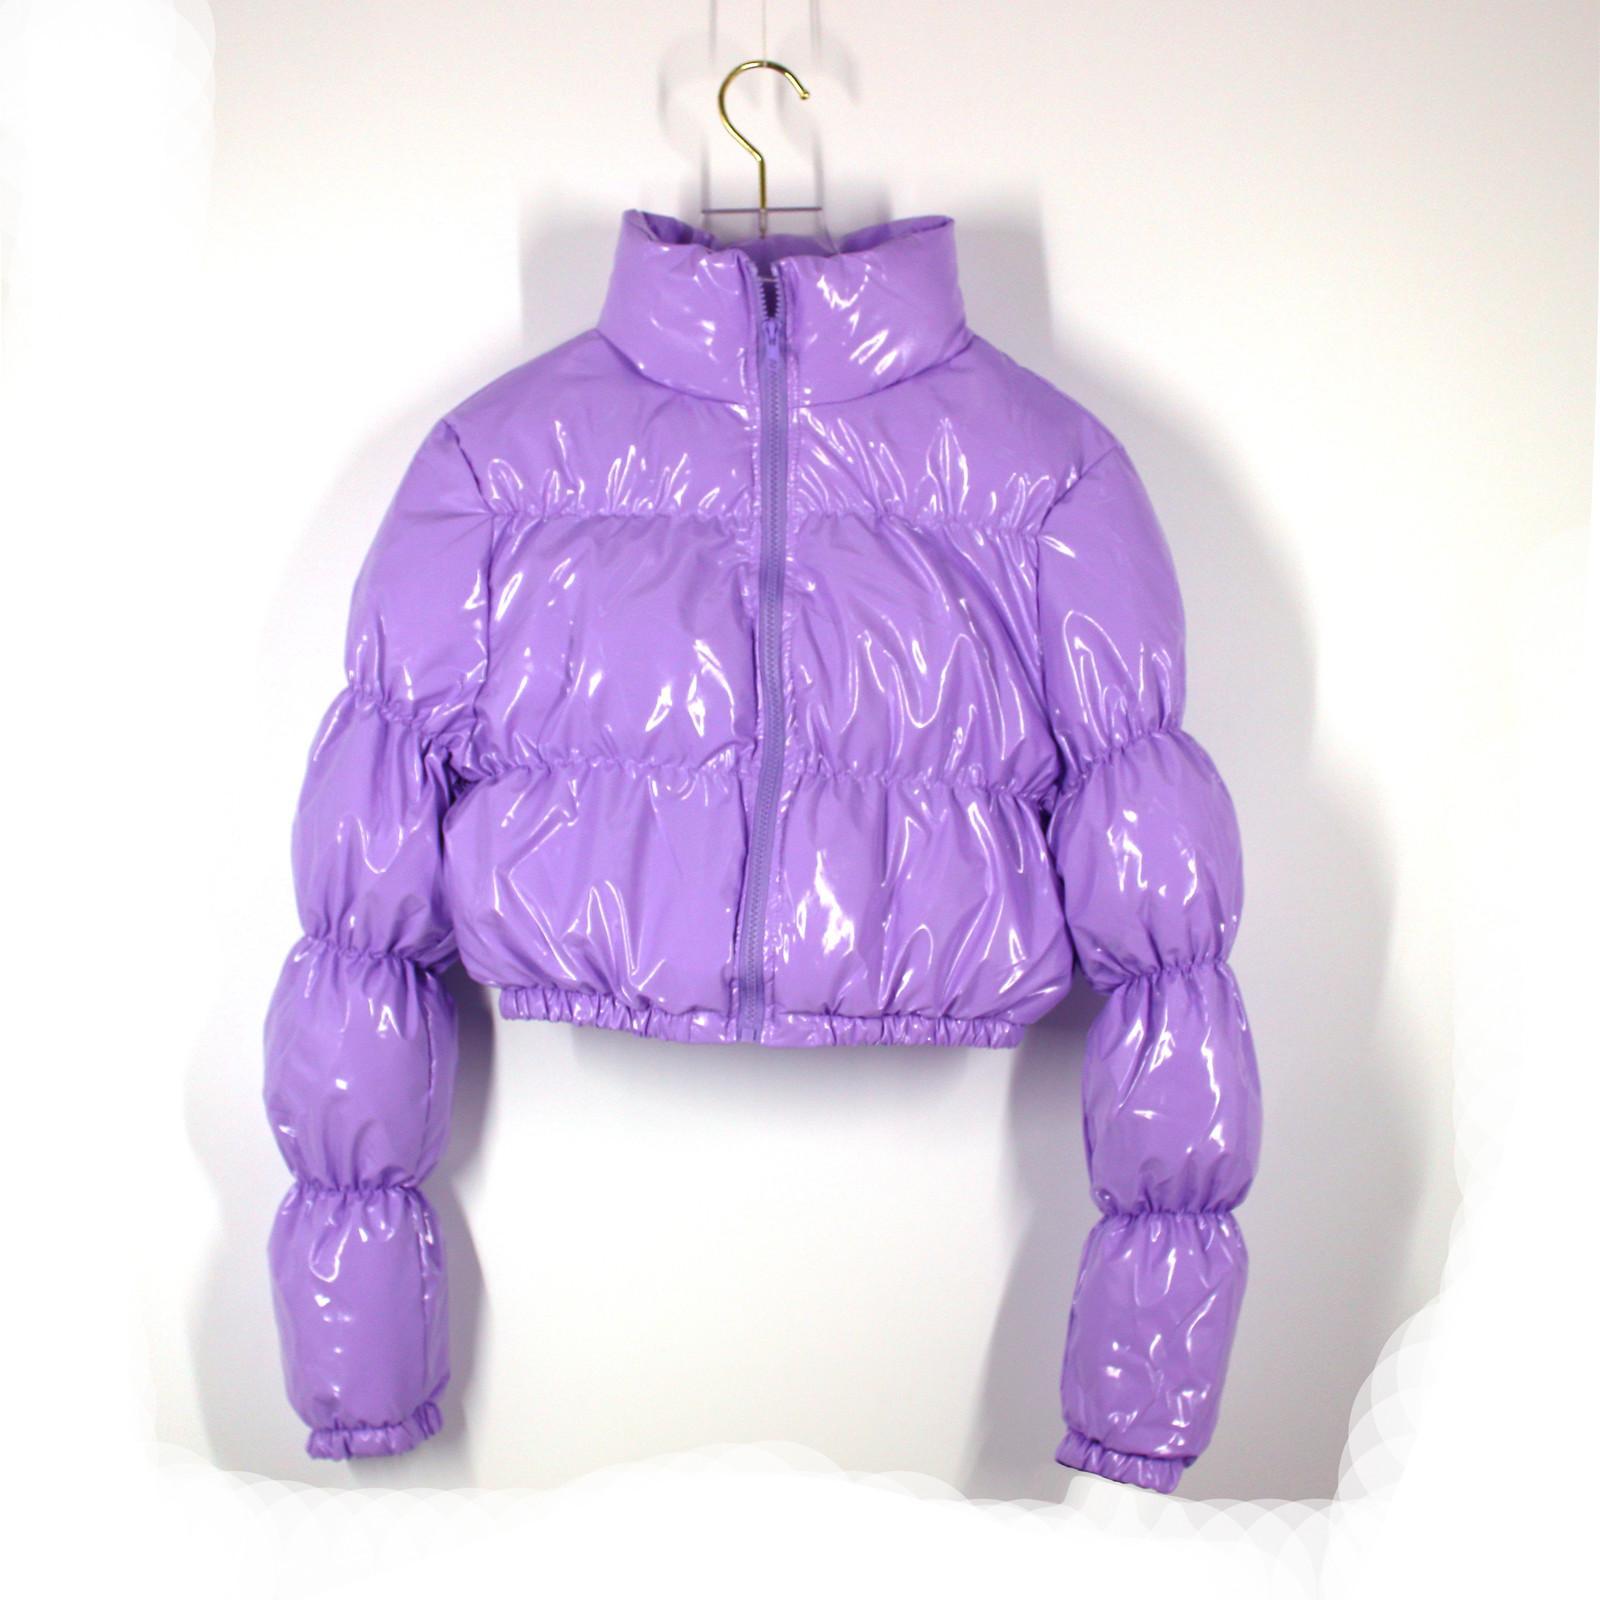 ATXYXTA PUGHER Rook Tooked Parka пузырь пальто зимние женщины новая мода одежда черный красный фиолетовый розовый зеленый синий серебристый XXL 201123